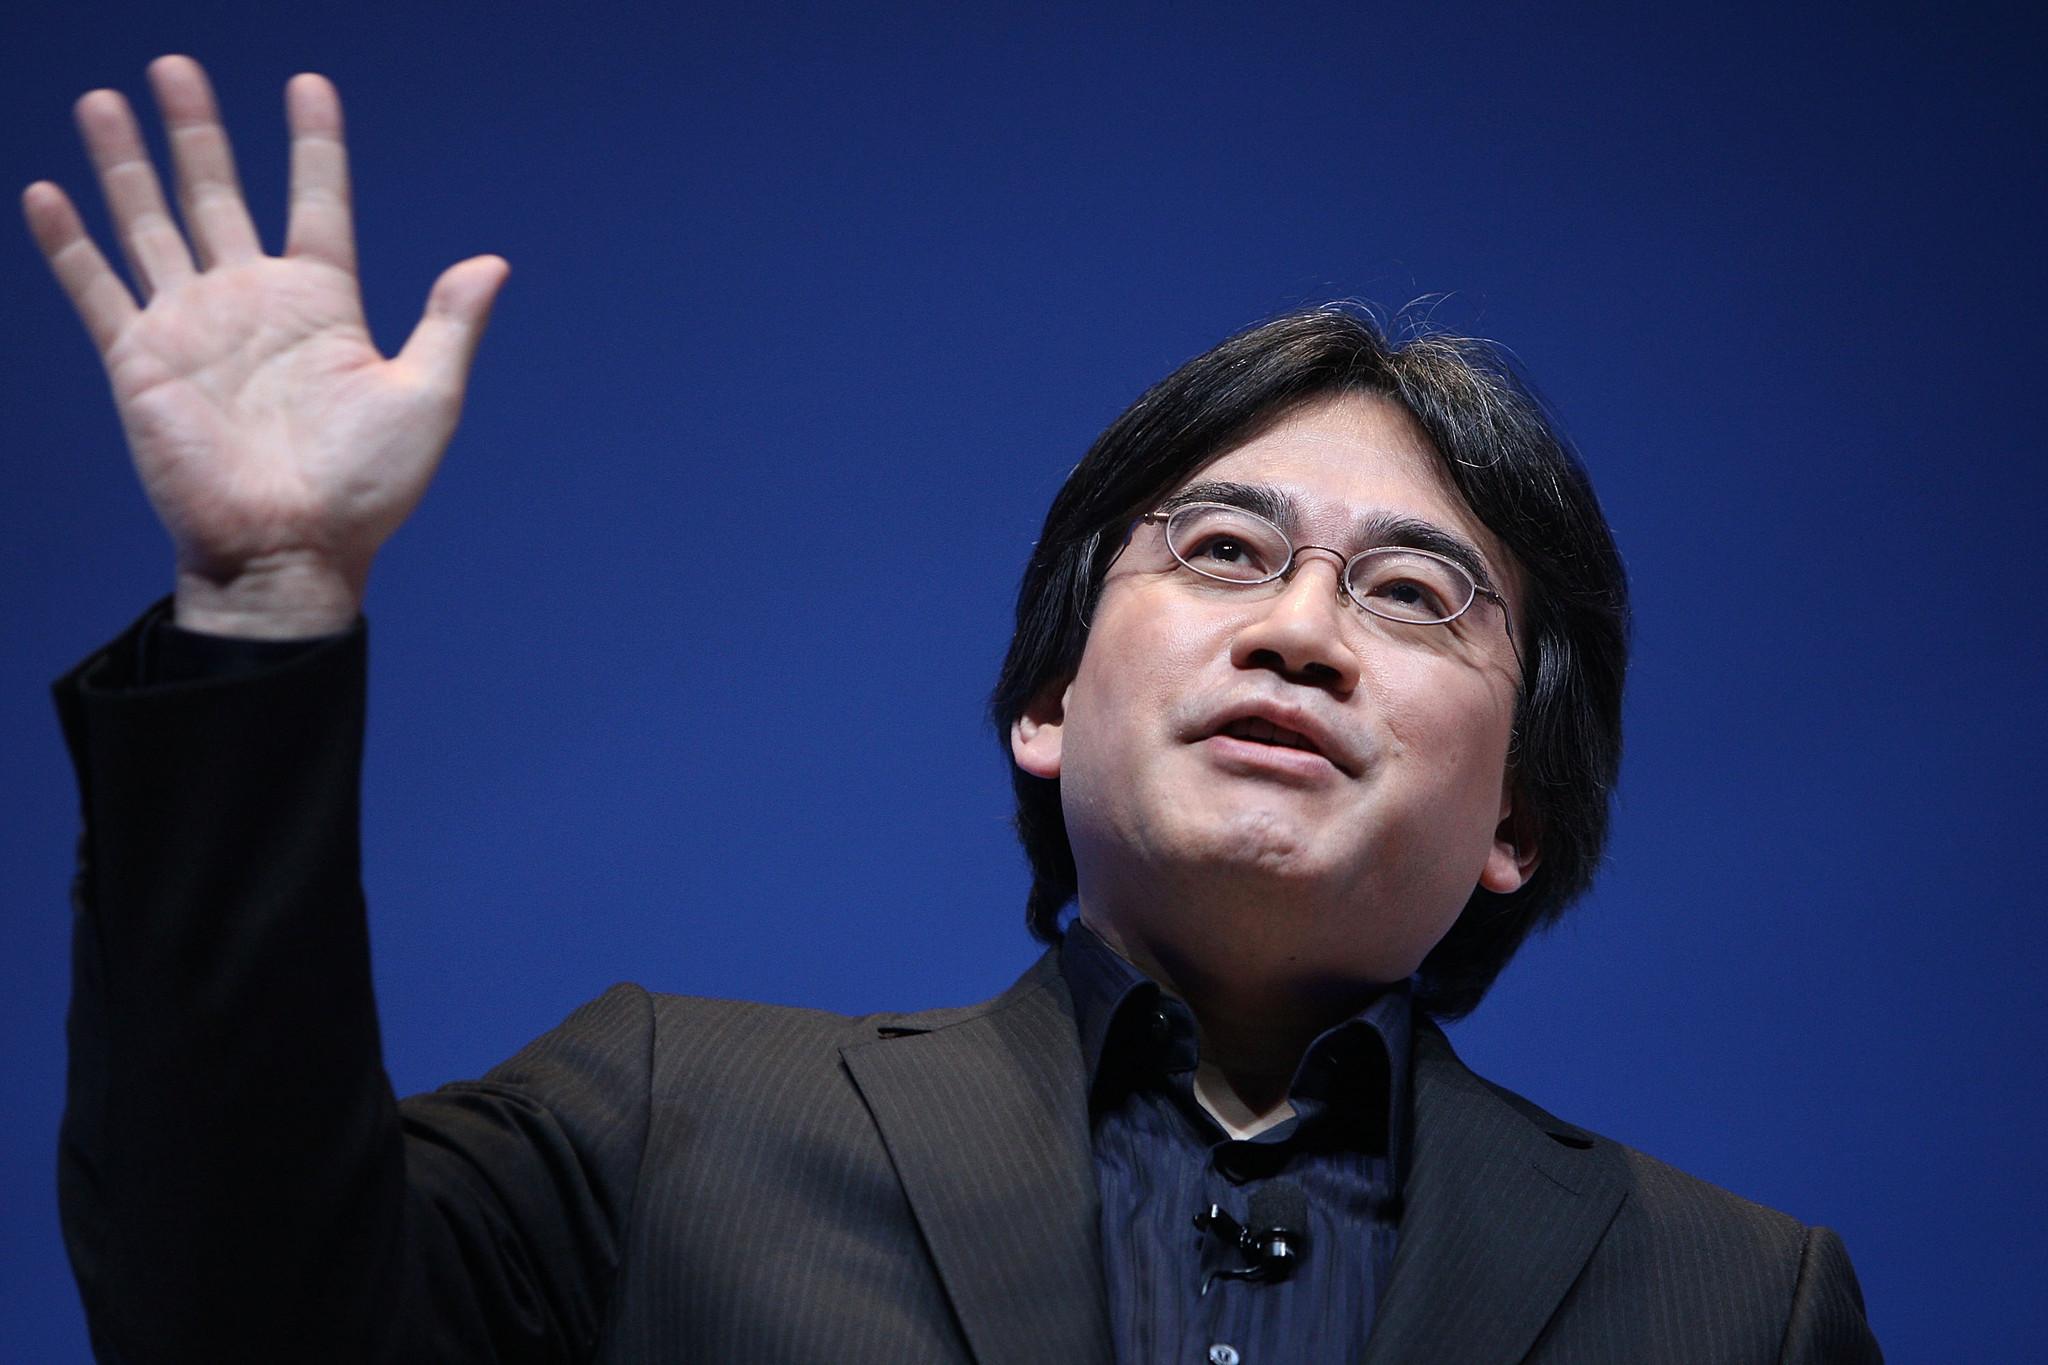 Nintendo's Satoru Iwata dies at 55; under him, Wii created hordes of new gamers